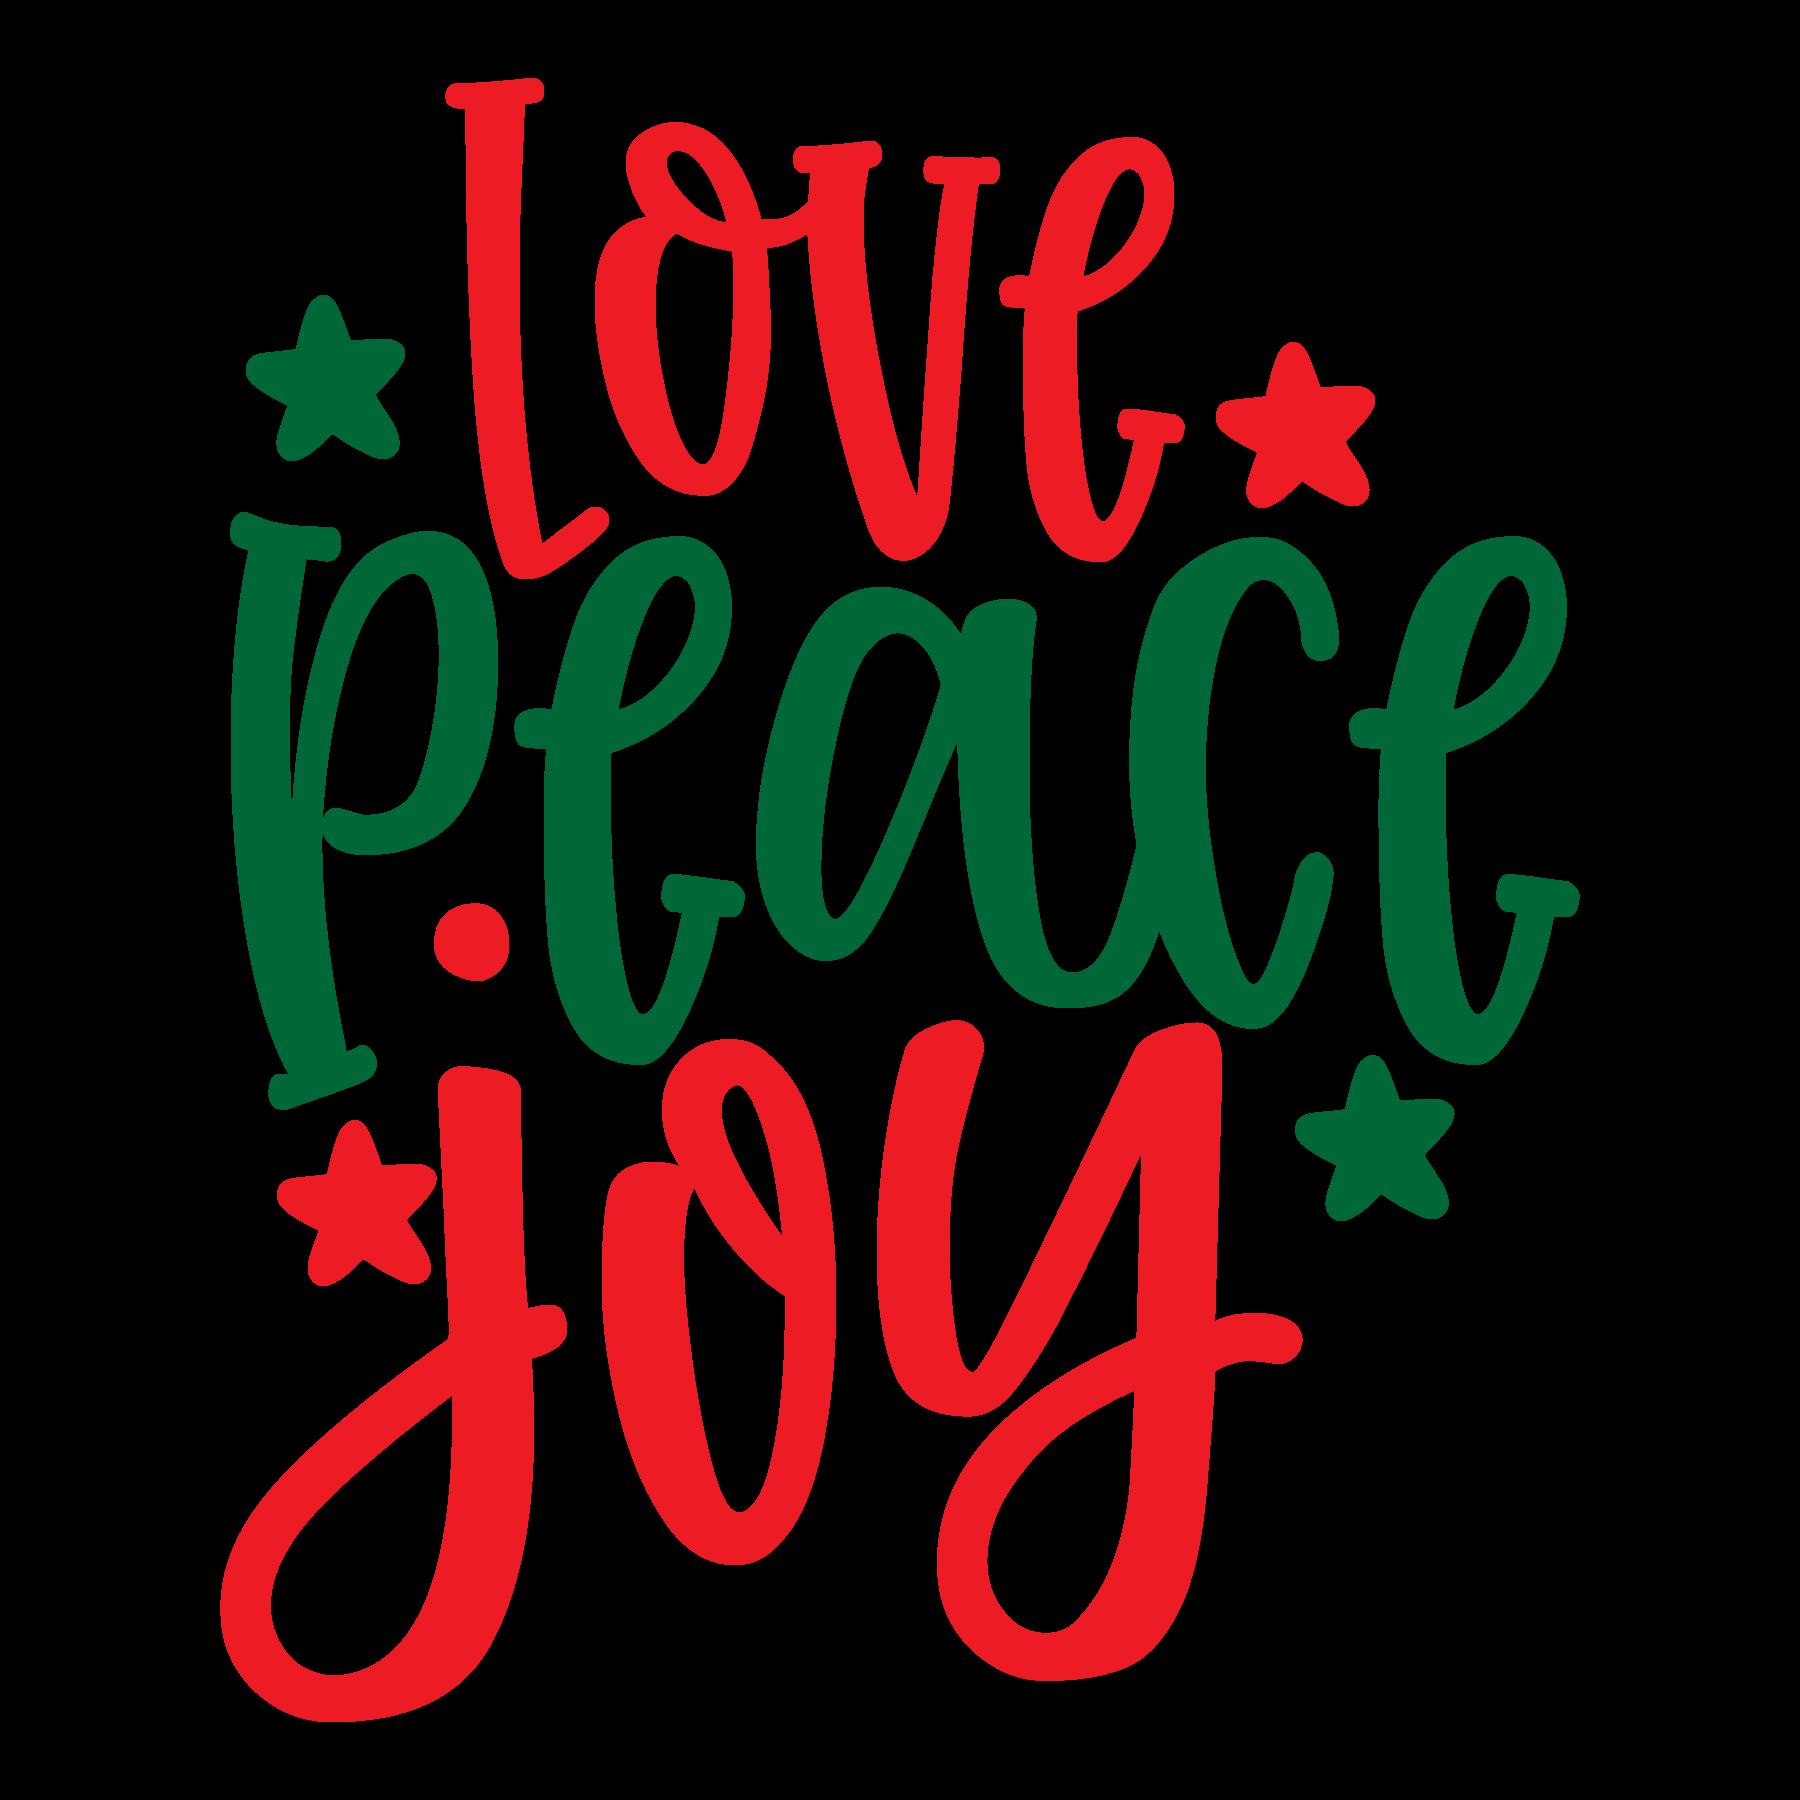 Love Peace Joy SVG Cut Files